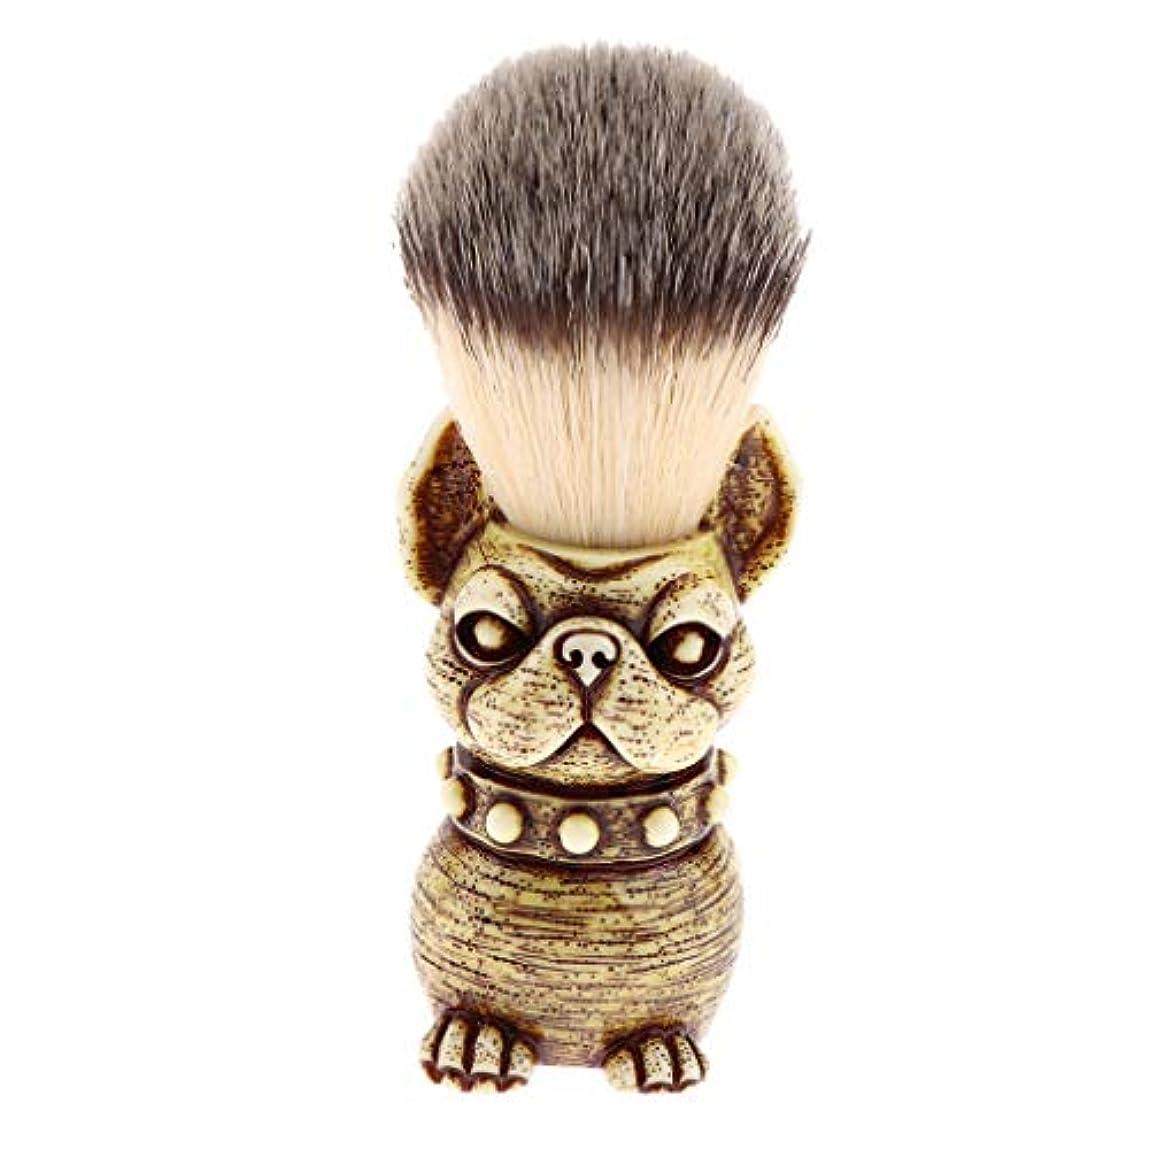 プロペラ行く消費DYNWAVE 人の理髪師の剃ること、子犬の形のための樹脂のハンドルアナグマの毛の剃るブラシ